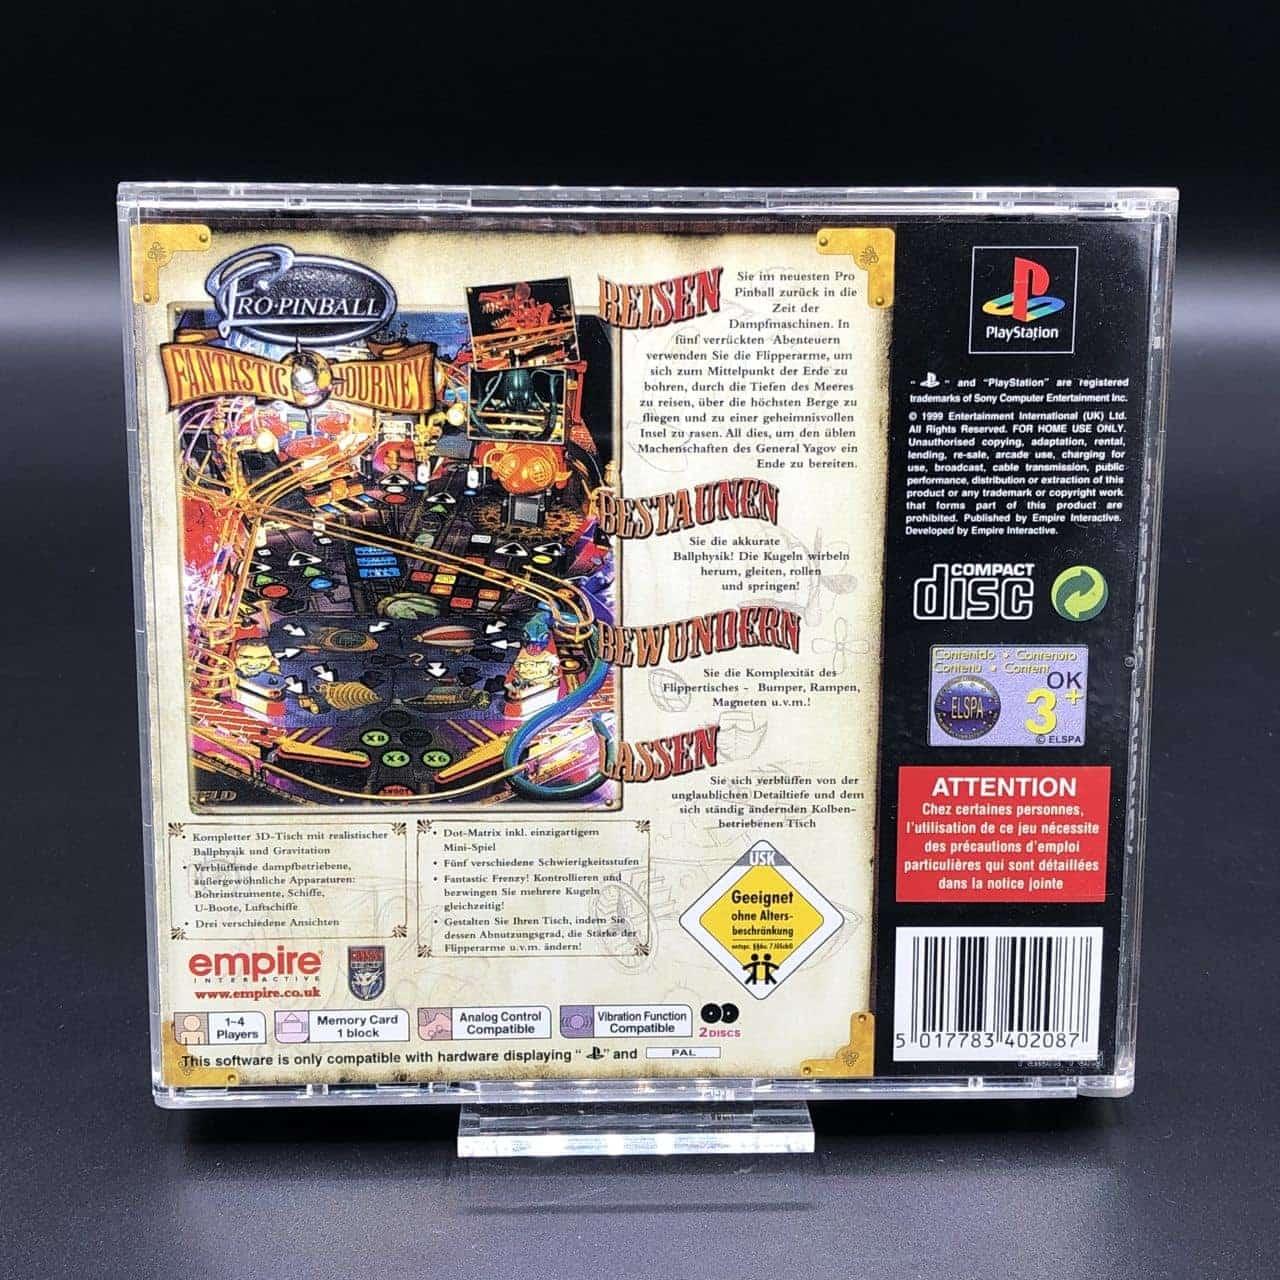 PS1 Pro Pinball - Fantastic Journey (Komplett) (Sehr gut) Sony PlayStation 1